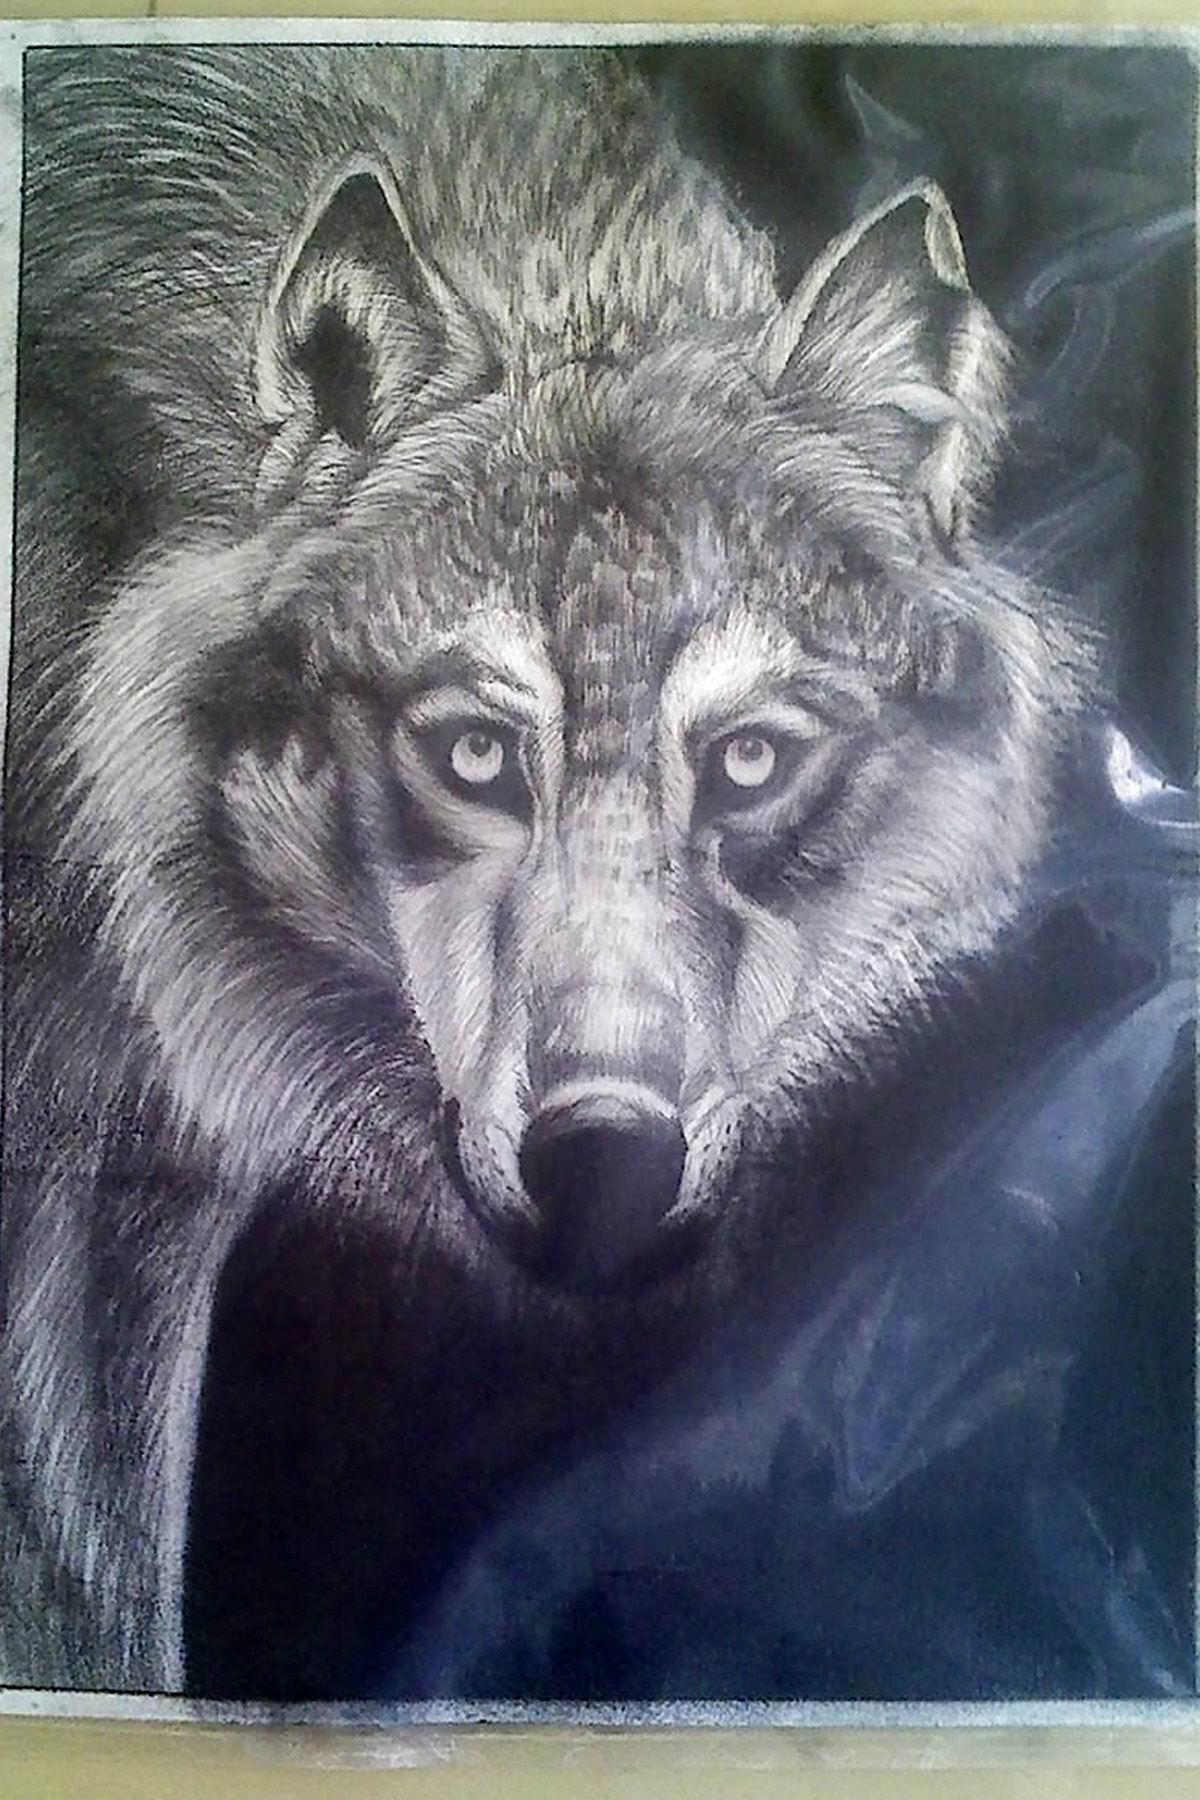 谁有狼头的素描图片啊?谁有狼头的素描图片啊?